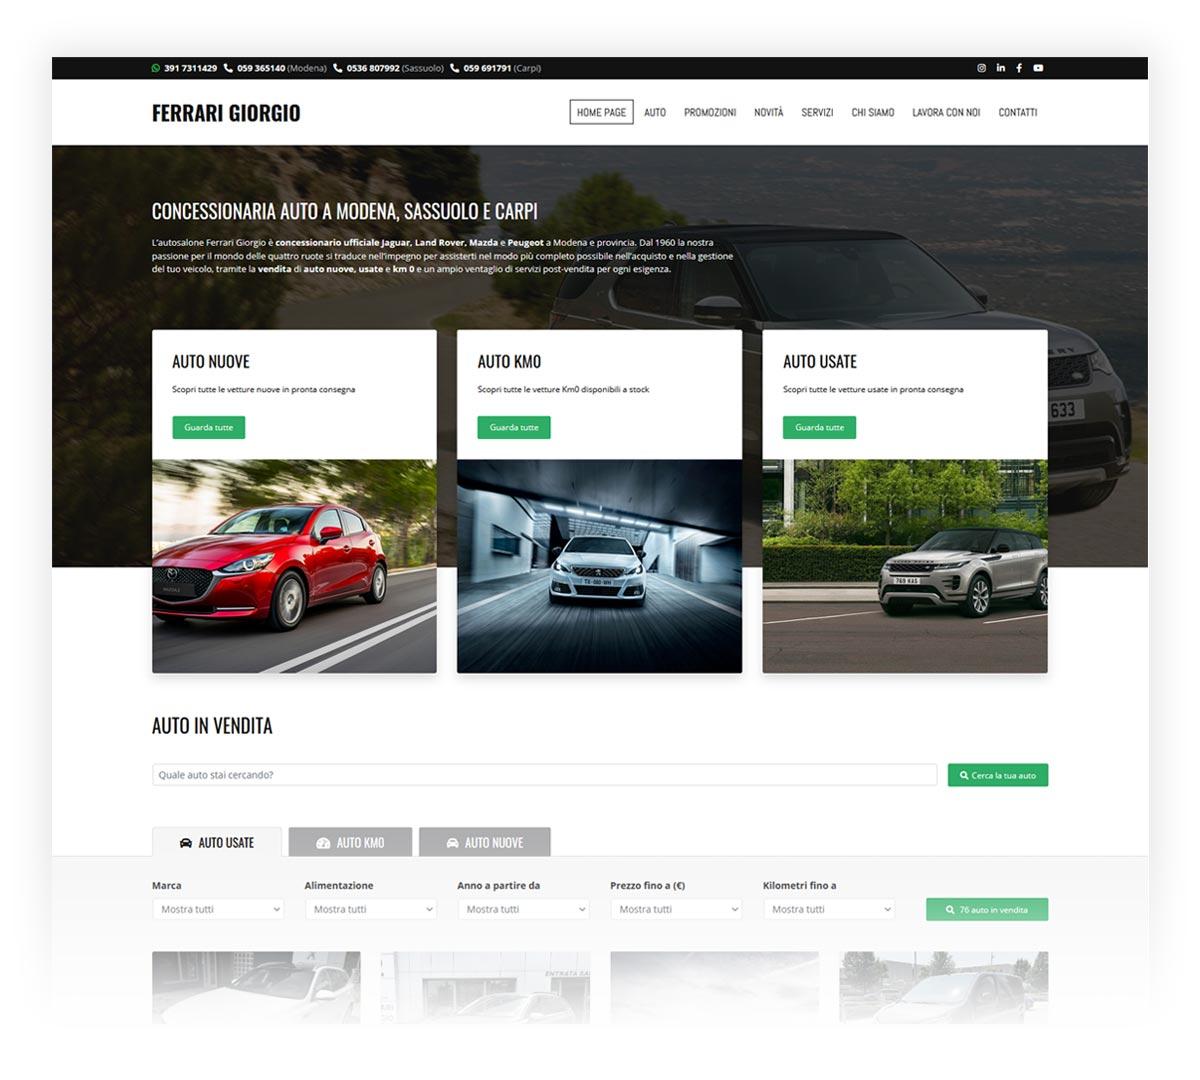 Screenshot sito web concessionaria Ferrari Giorgio